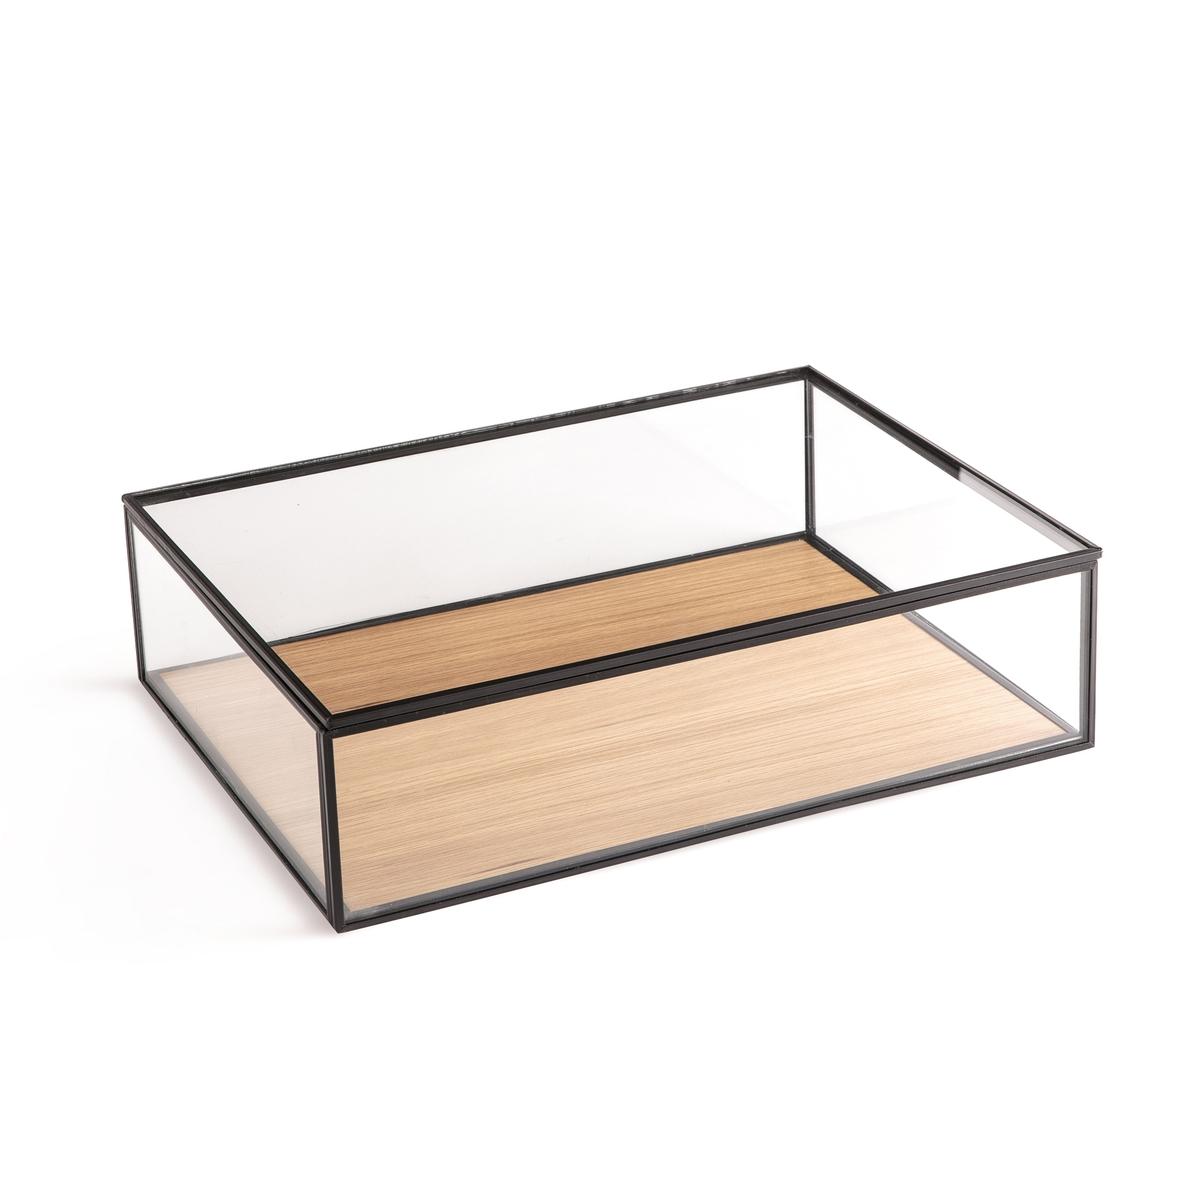 Коробка-витрина LaRedoute Большая модель Hatake единый размер бежевый серебряный подвес ювелирное изделие np2557